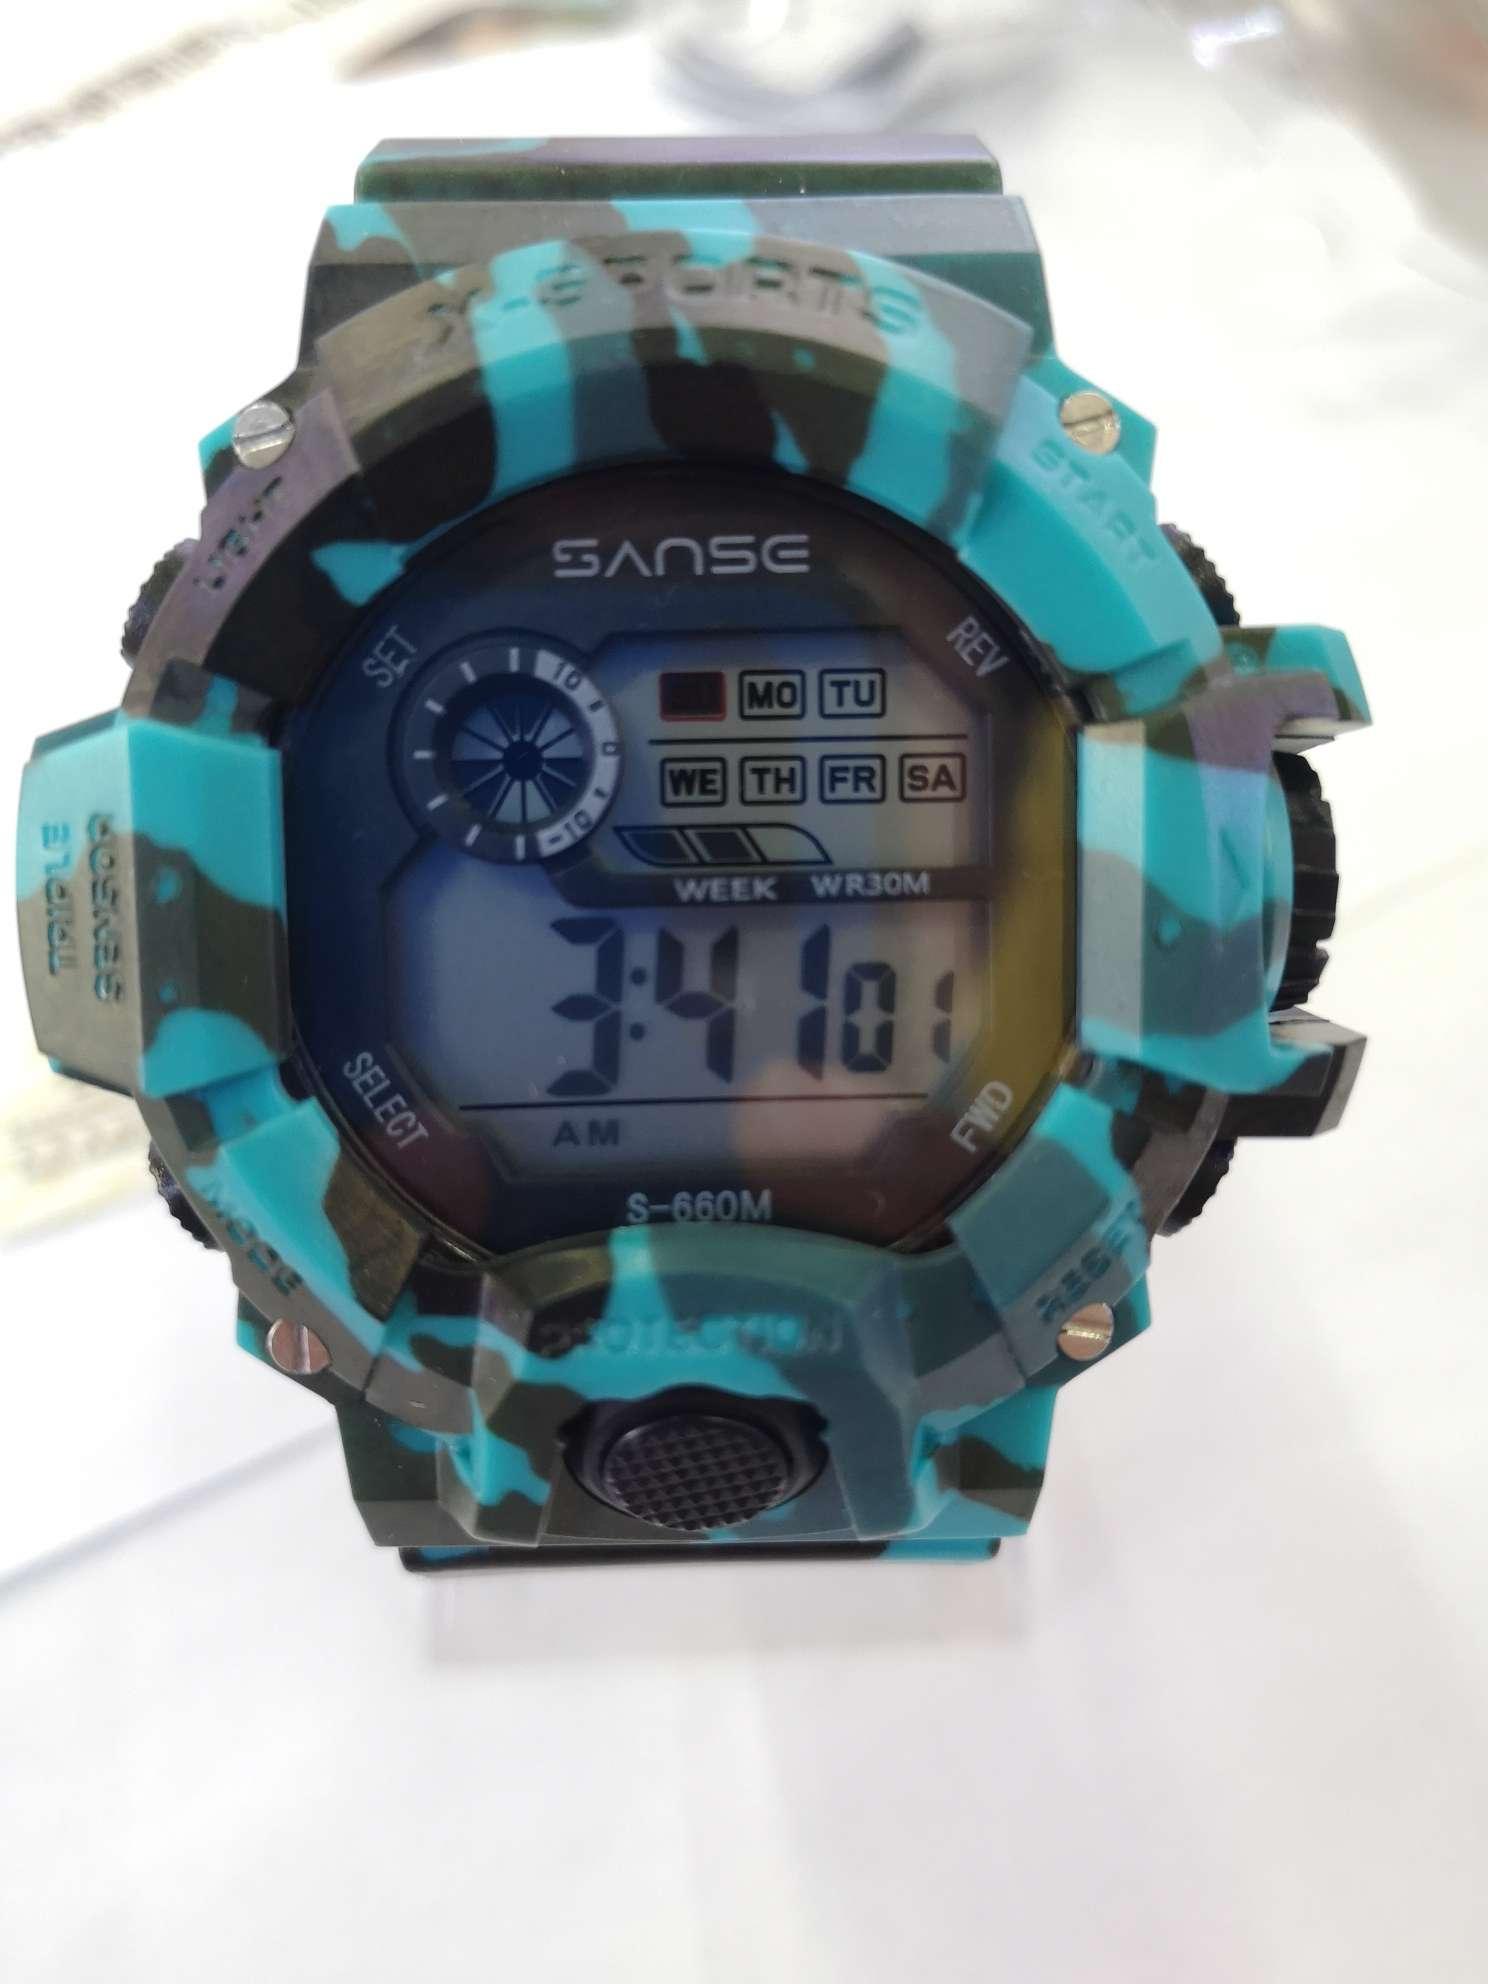 山斯SANSE潜水运动电子表系列660M型号全迷彩款